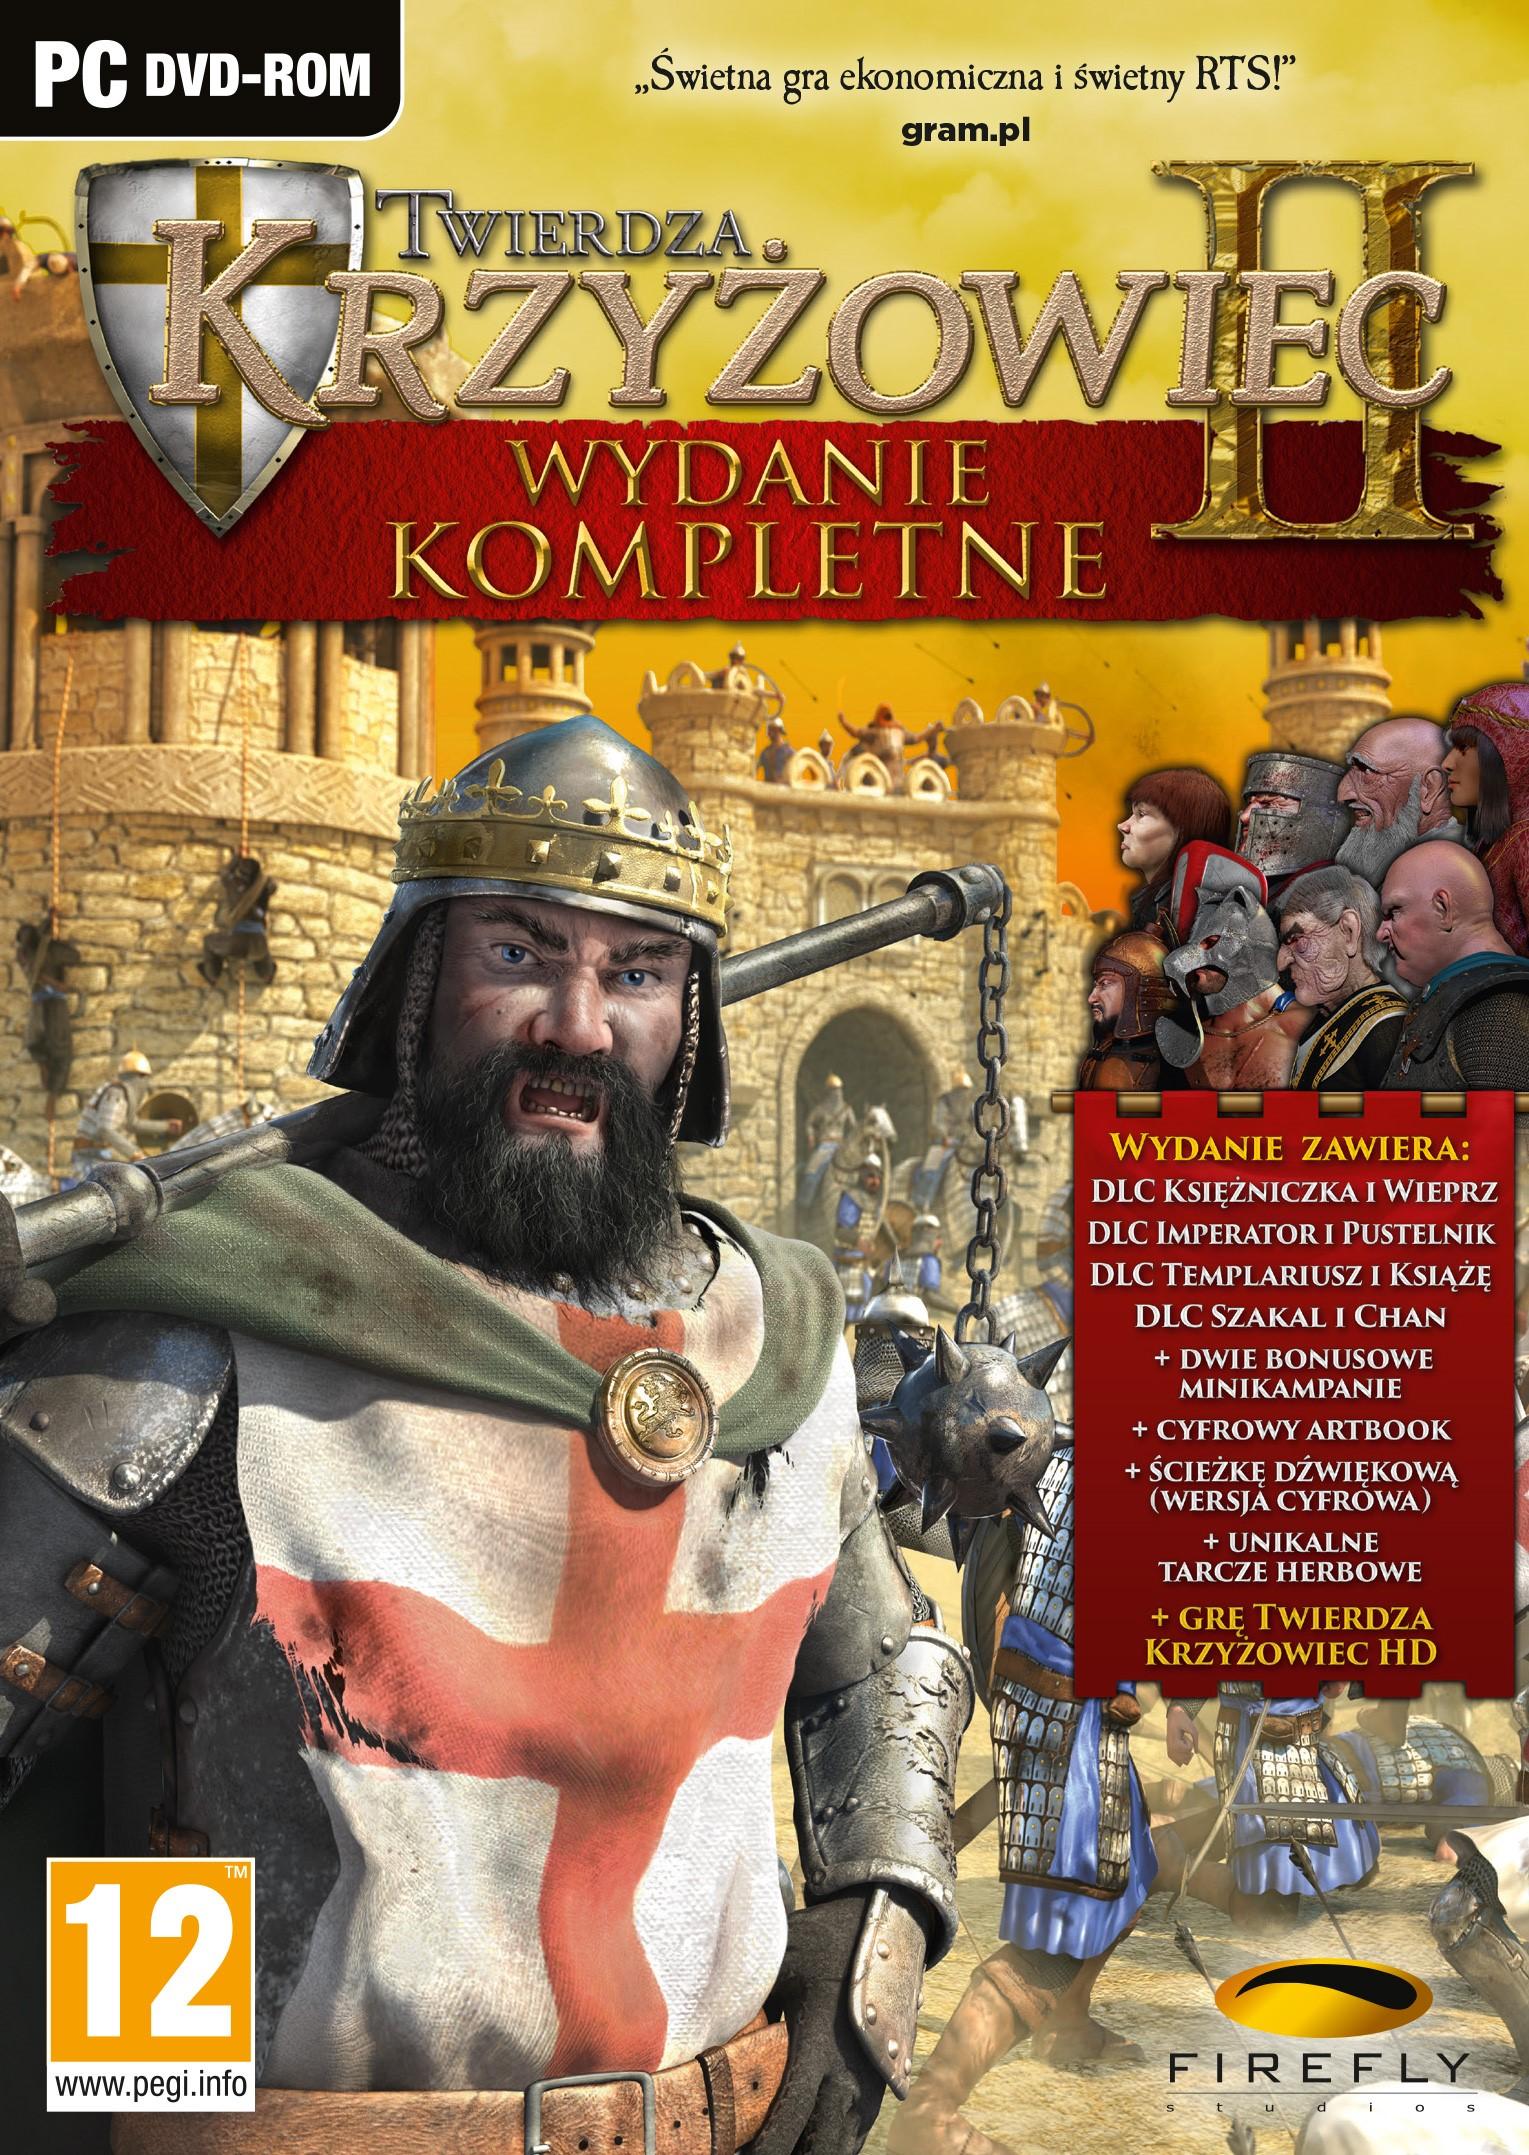 Twierdza Krzyżowiec II - Wydanie kompletne (PC)